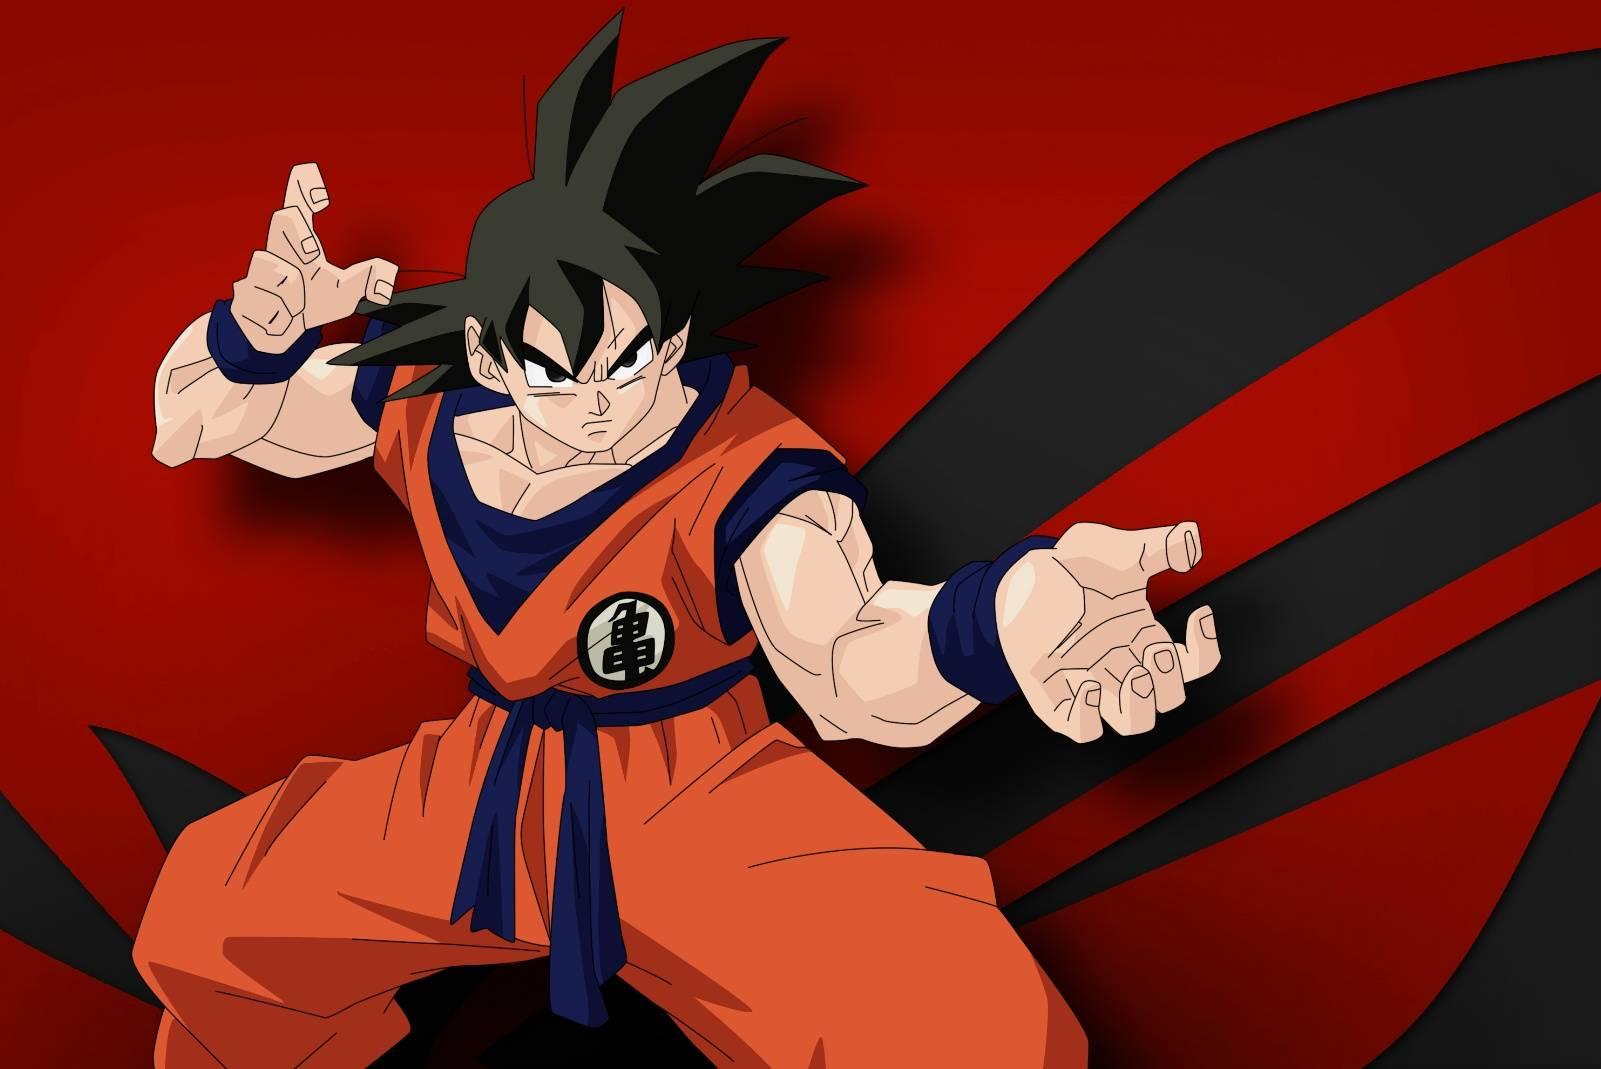 Goku Abstract BG